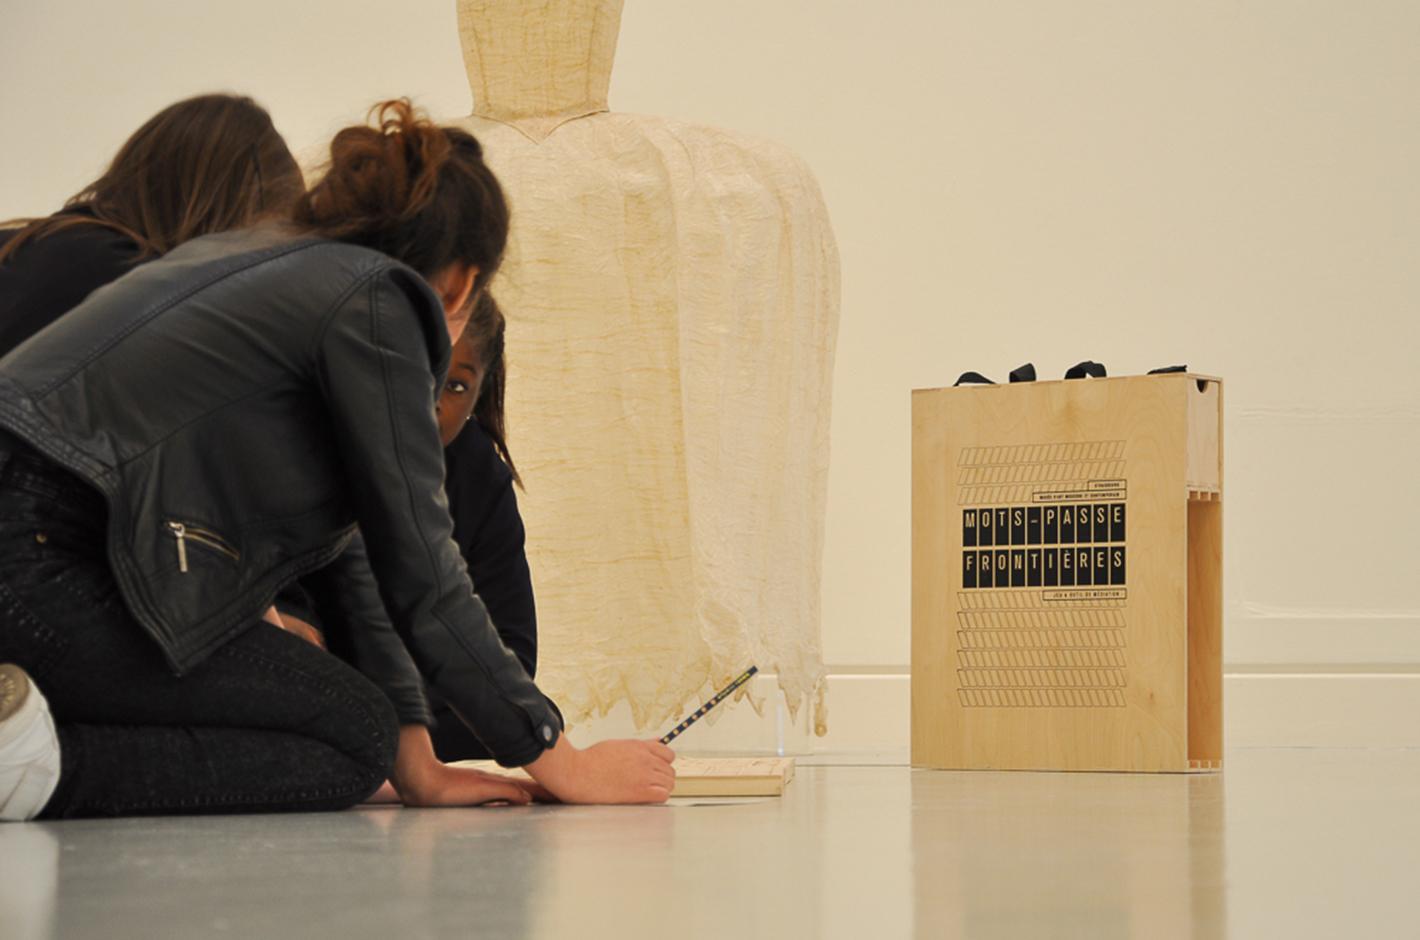 Mots-passe frontières — Musée d'art moderne et contemporain Strasbourg - 2014